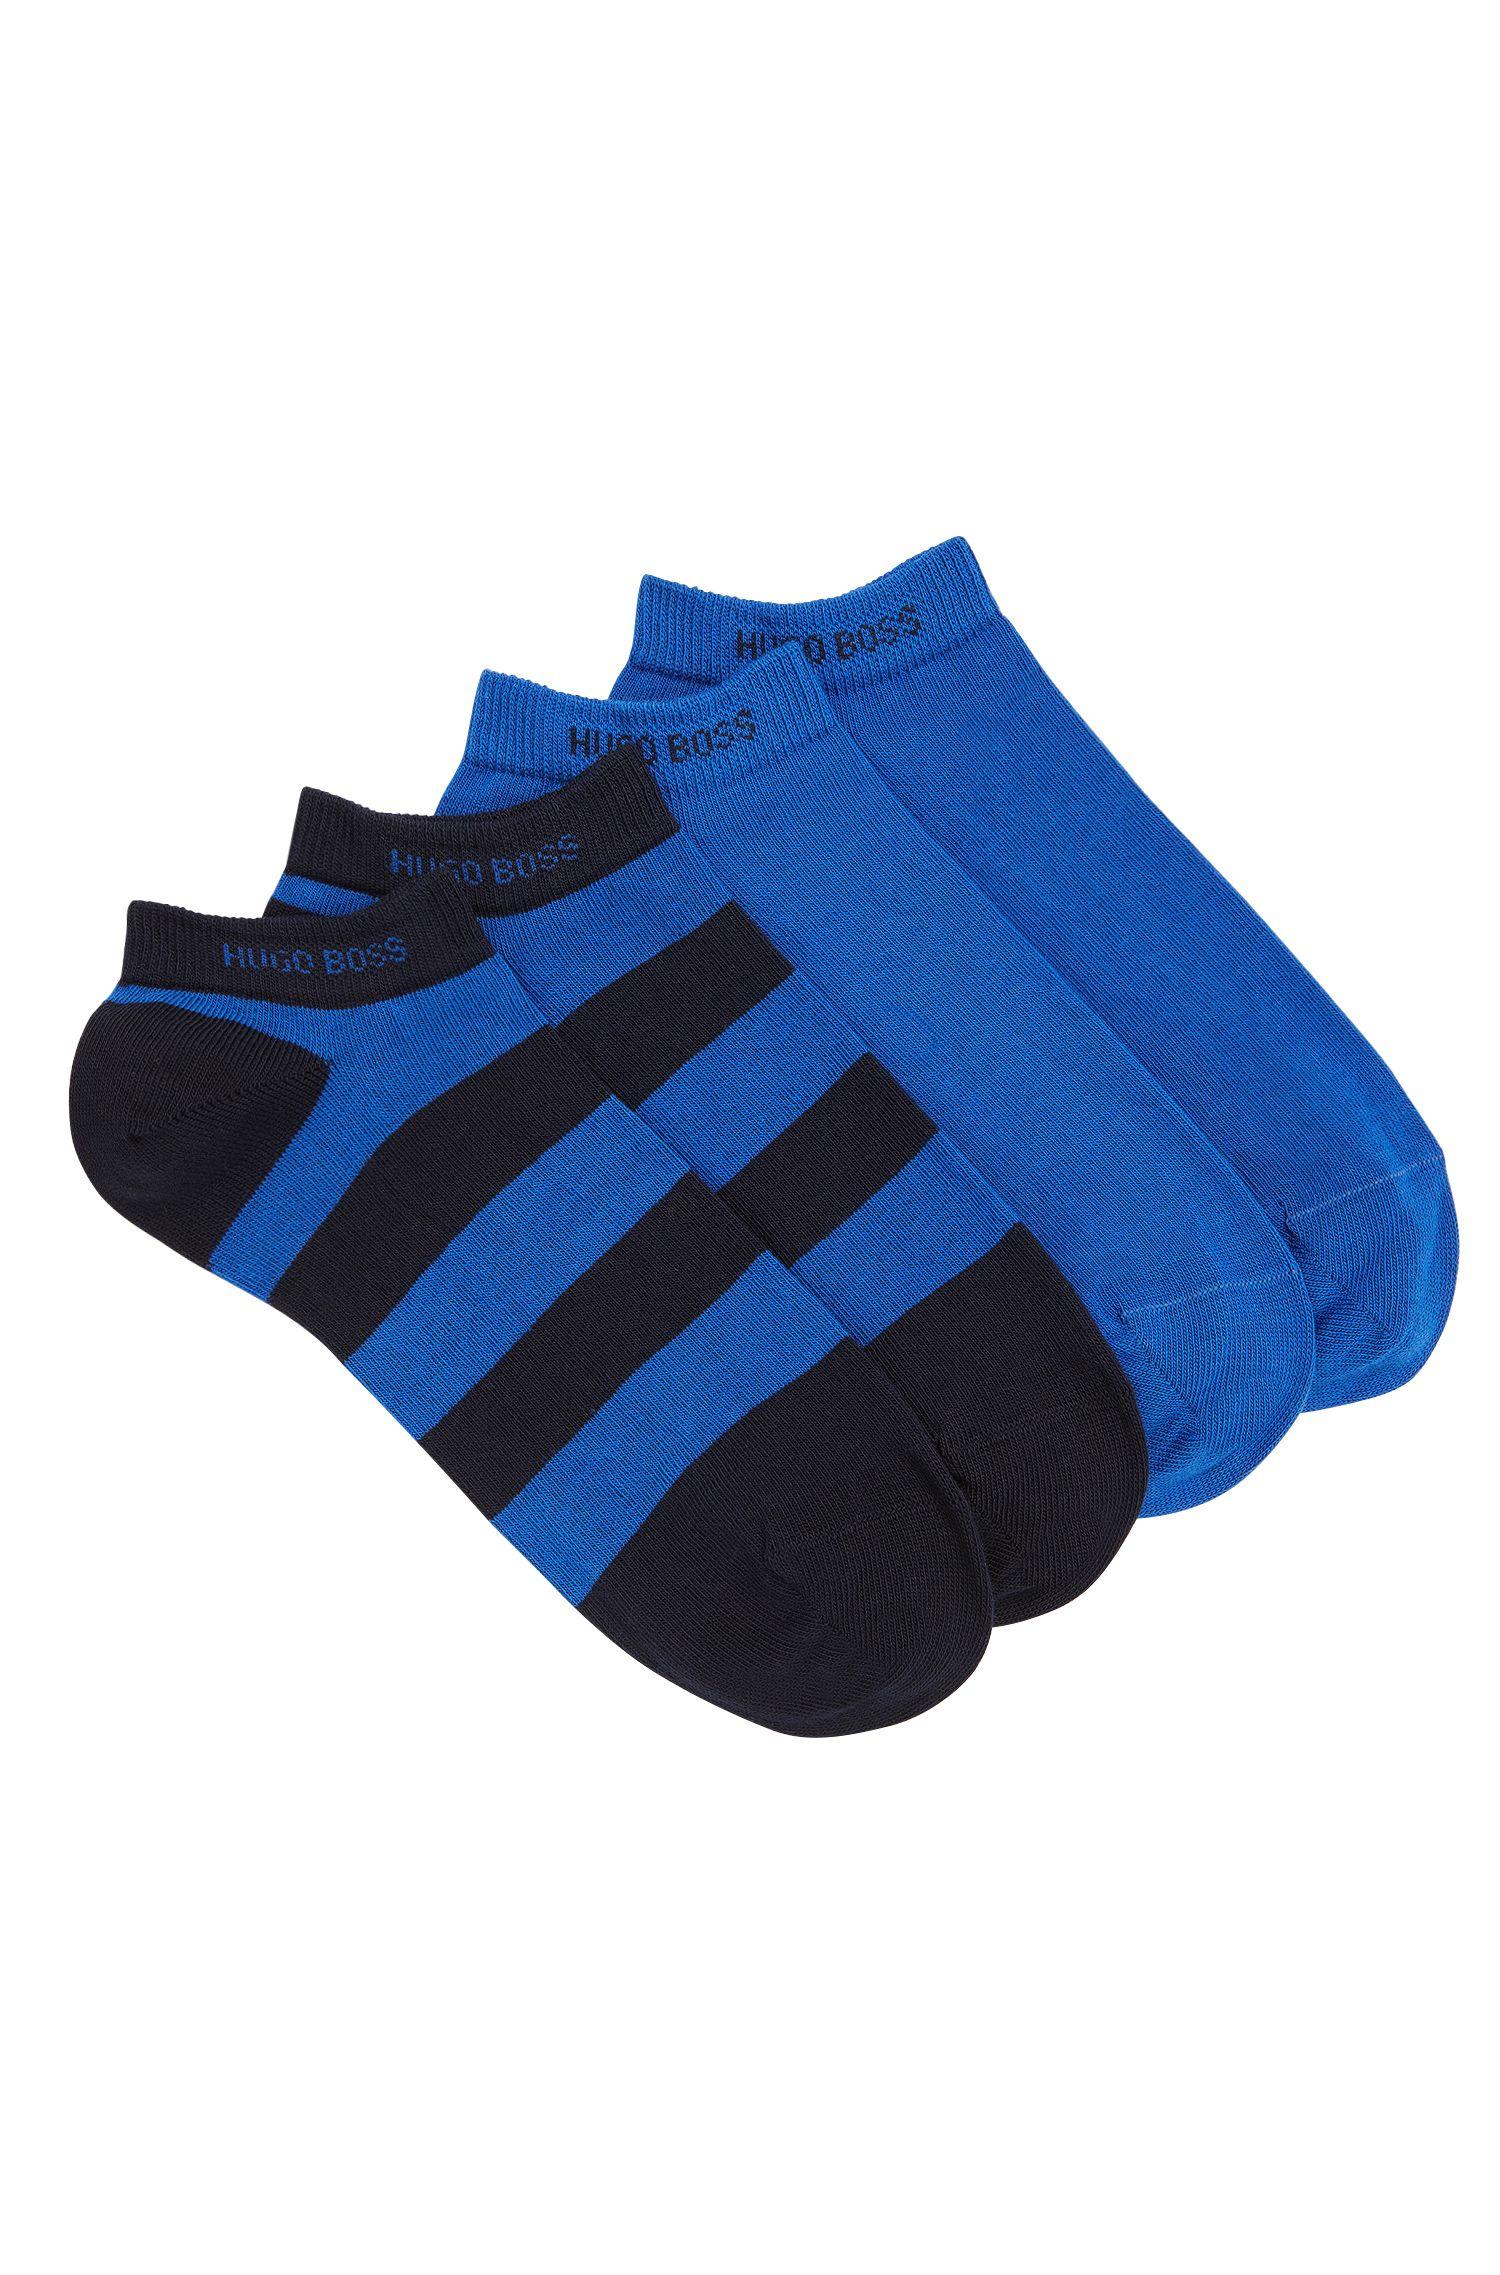 Sneaker-Socken aus elastischem Baumwoll-Mix im Zweier-Pack: 'Twopack AS Design'